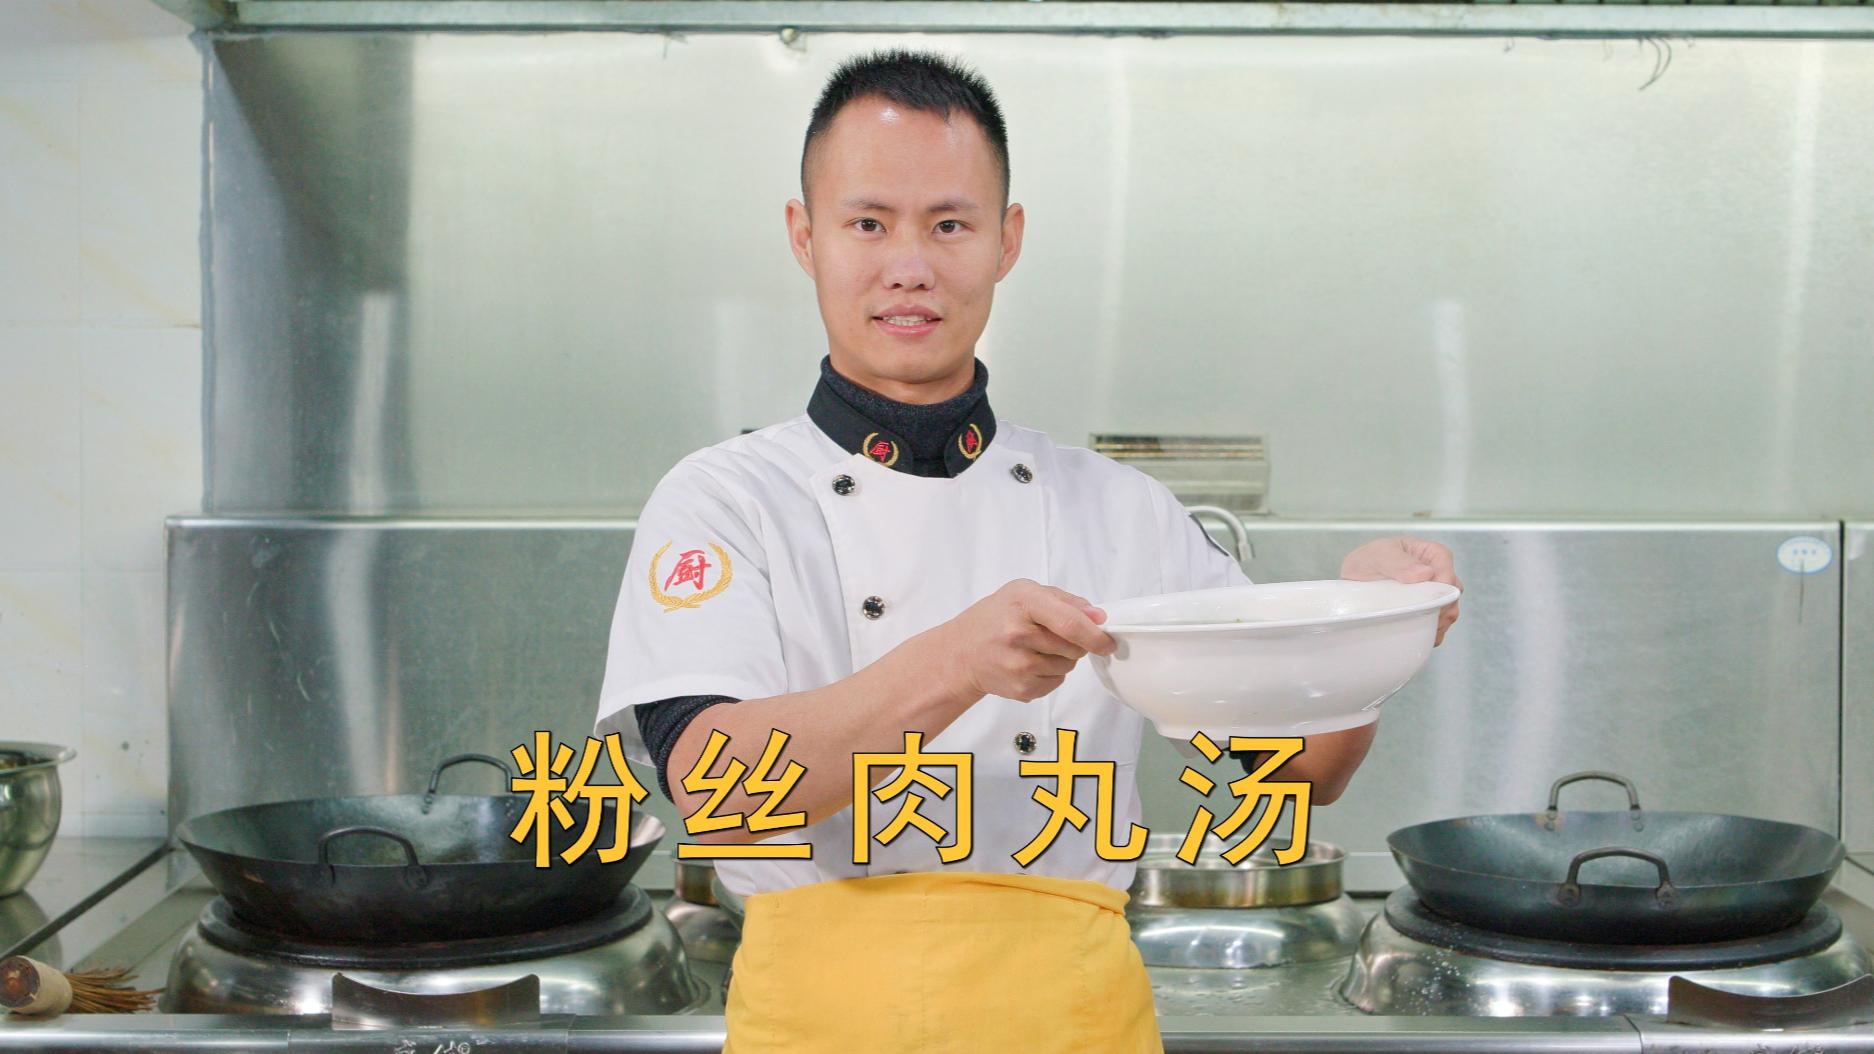 """厨师长分享:""""粉丝肉丸汤""""的家常做法,原汁原味,收藏起来"""